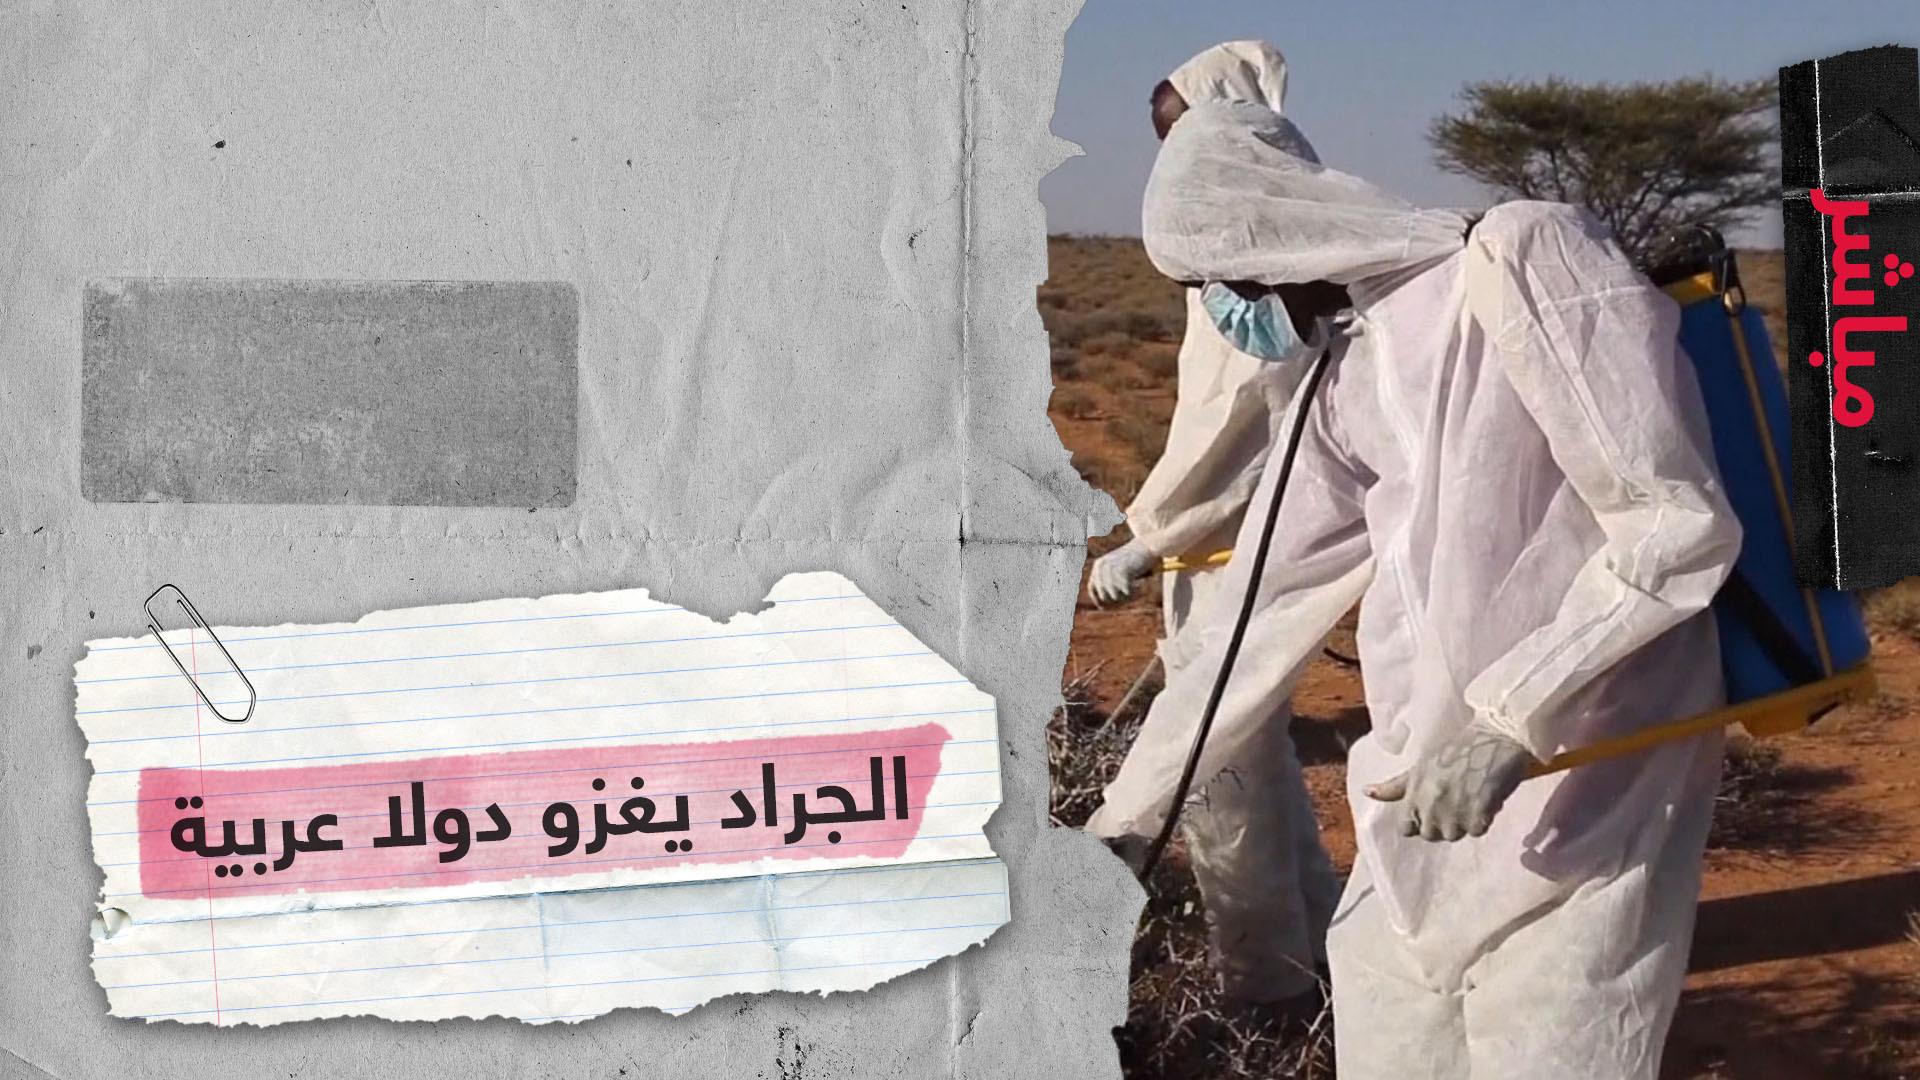 أسوأ هجوم للجراد منذ عشرات السنين يطال دولا عربية